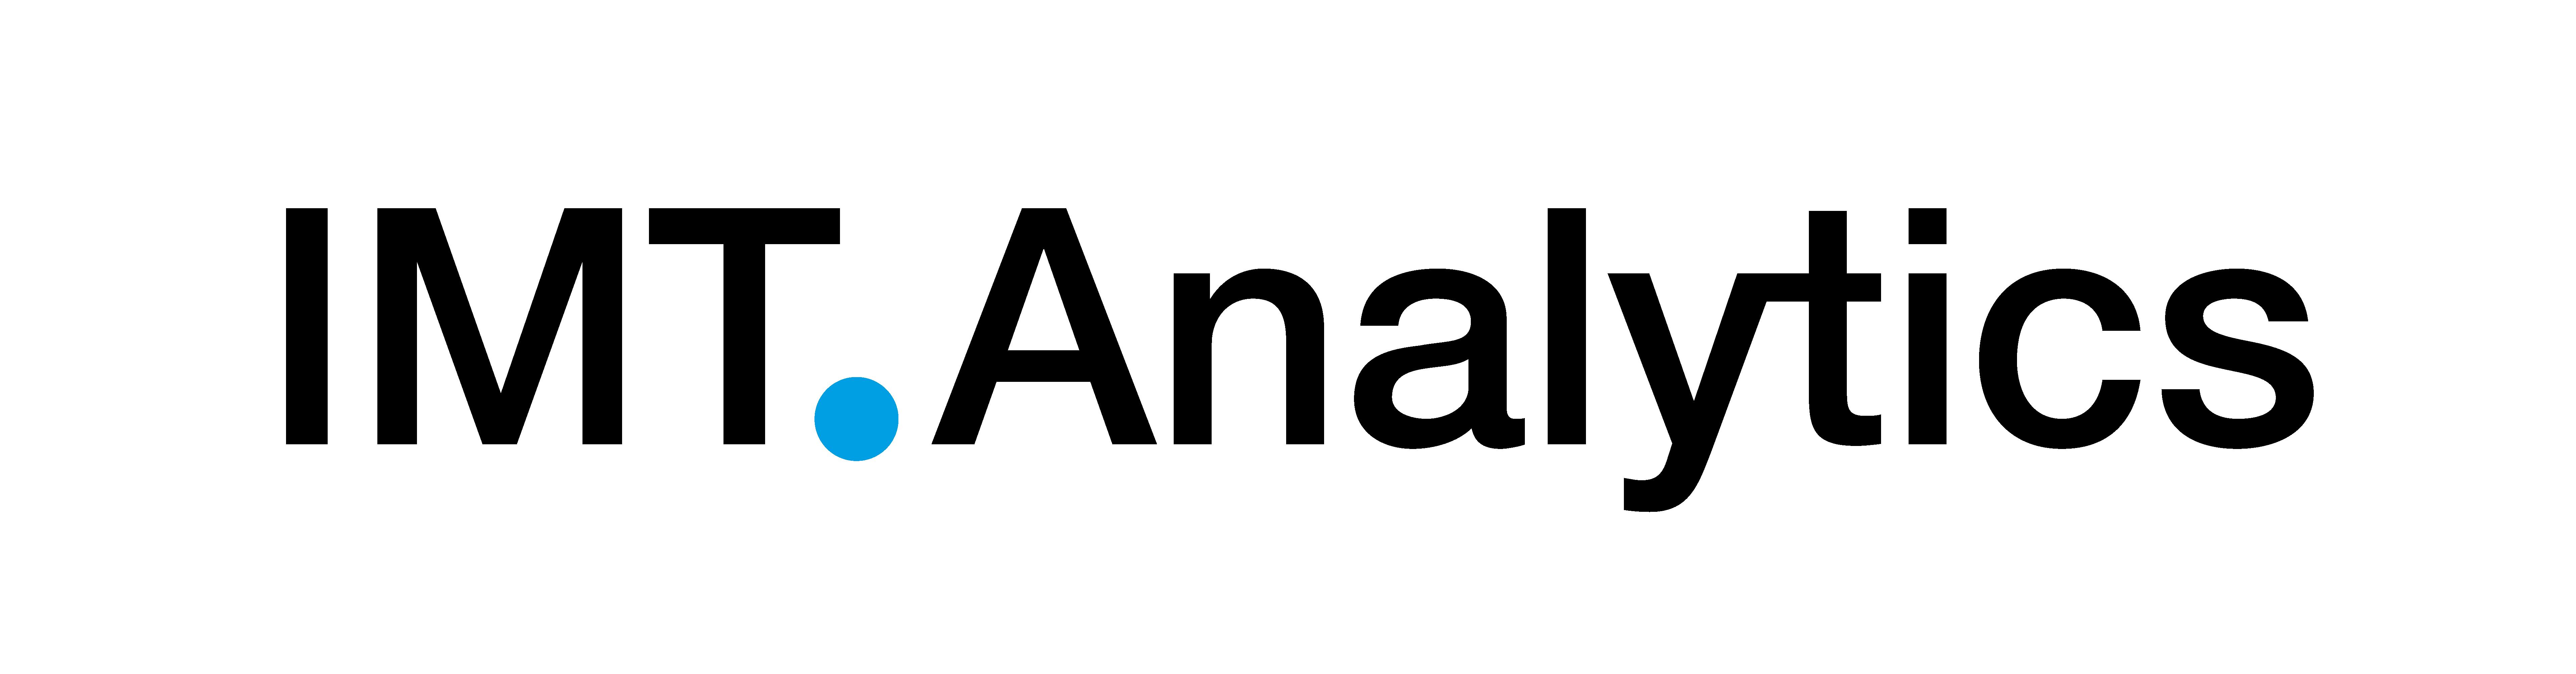 imtanalytics_logo.png